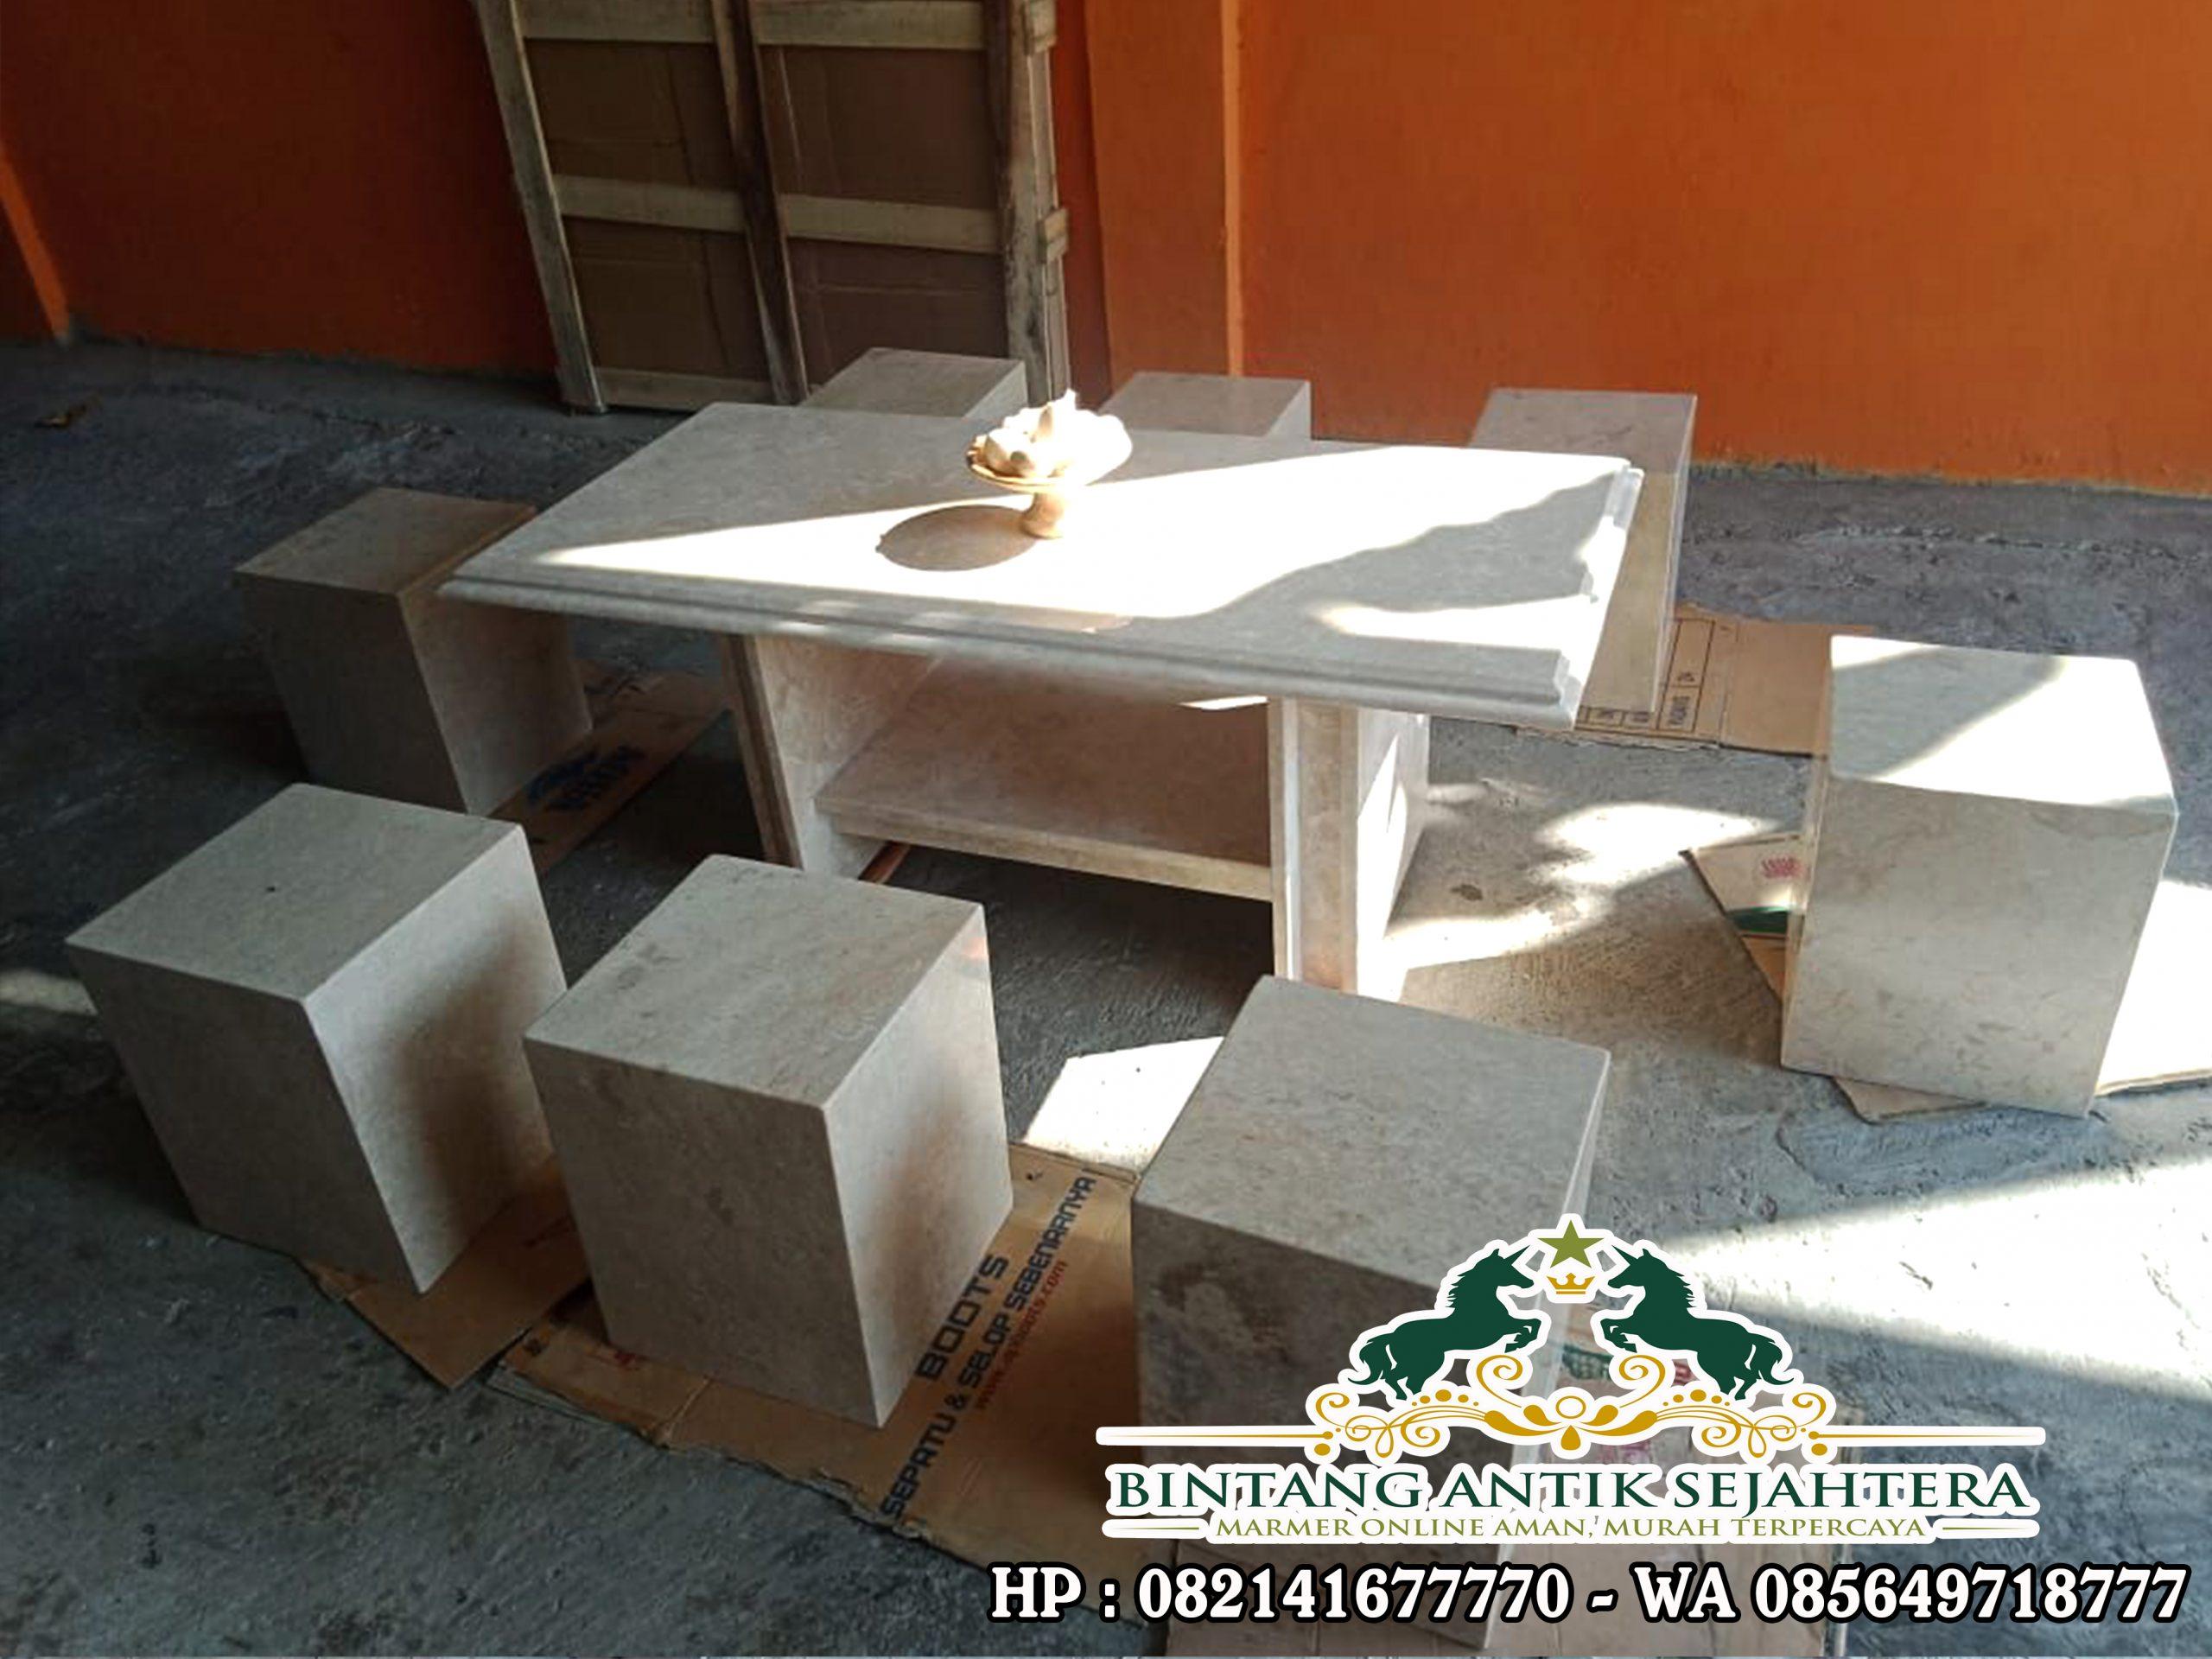 Harga Meja Marmer Persegi   Meja dan Kursi Tamu Marmer